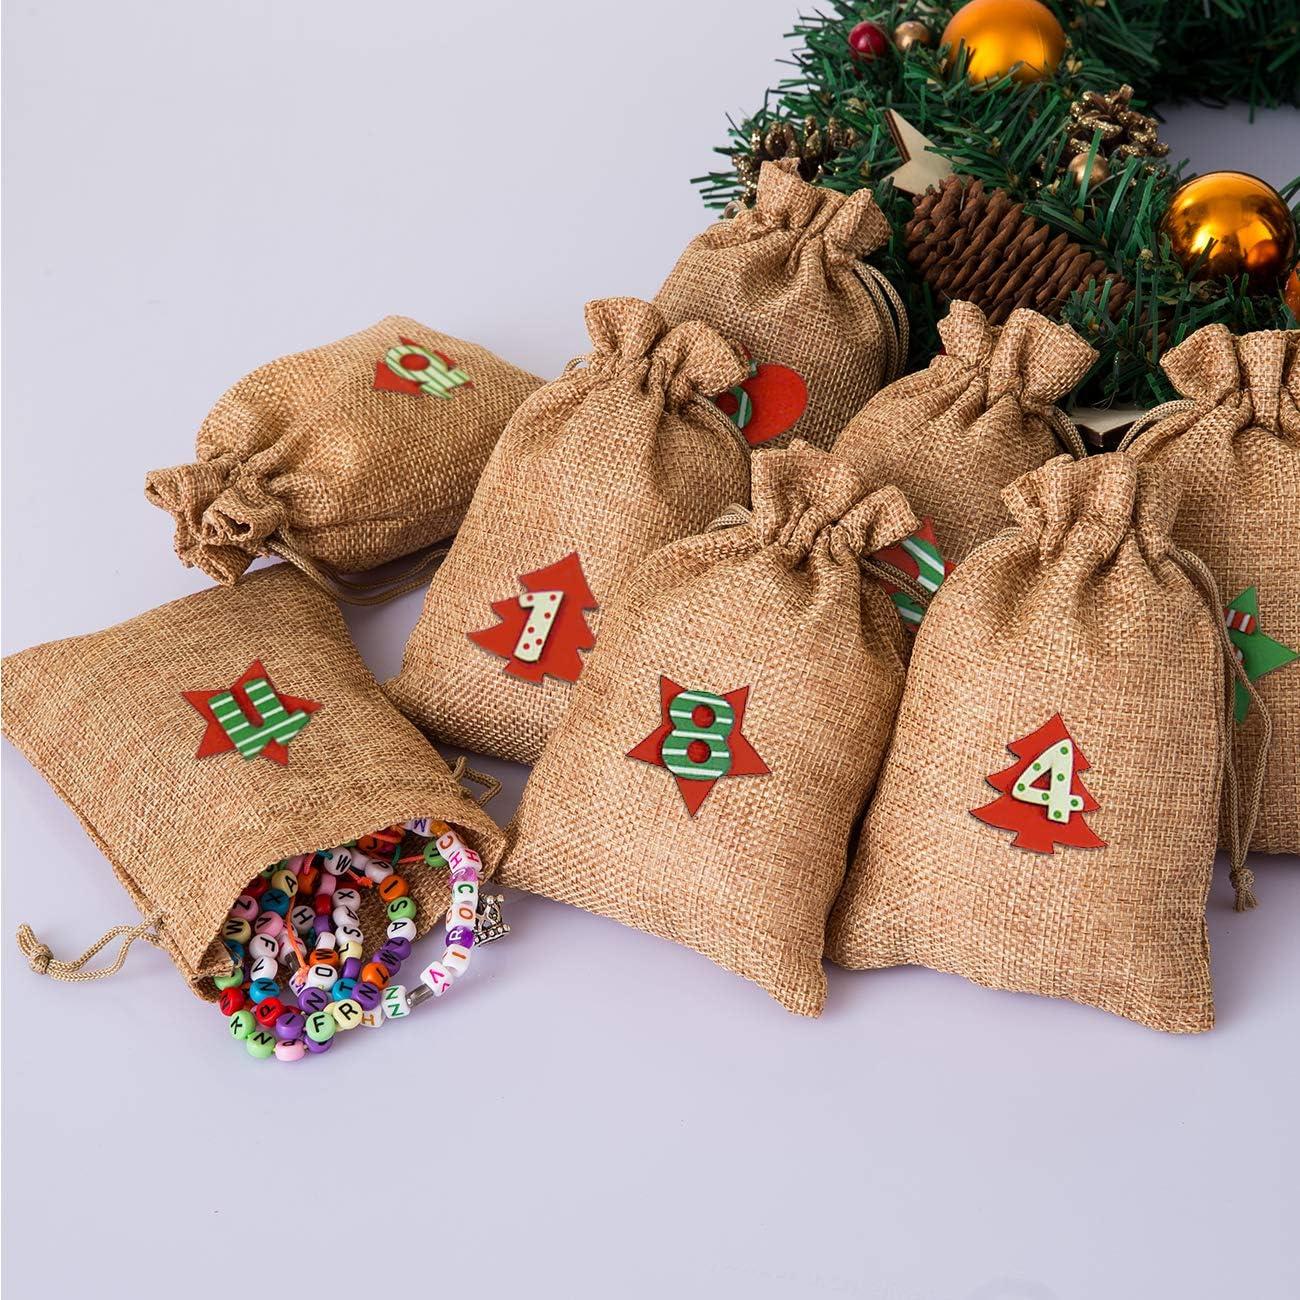 Naler 20 Sacchetti di Lino di Giallo Vintage Sacchetti con Coulisse Borse per Gioielli Regalo di Natale 10 x 14CM